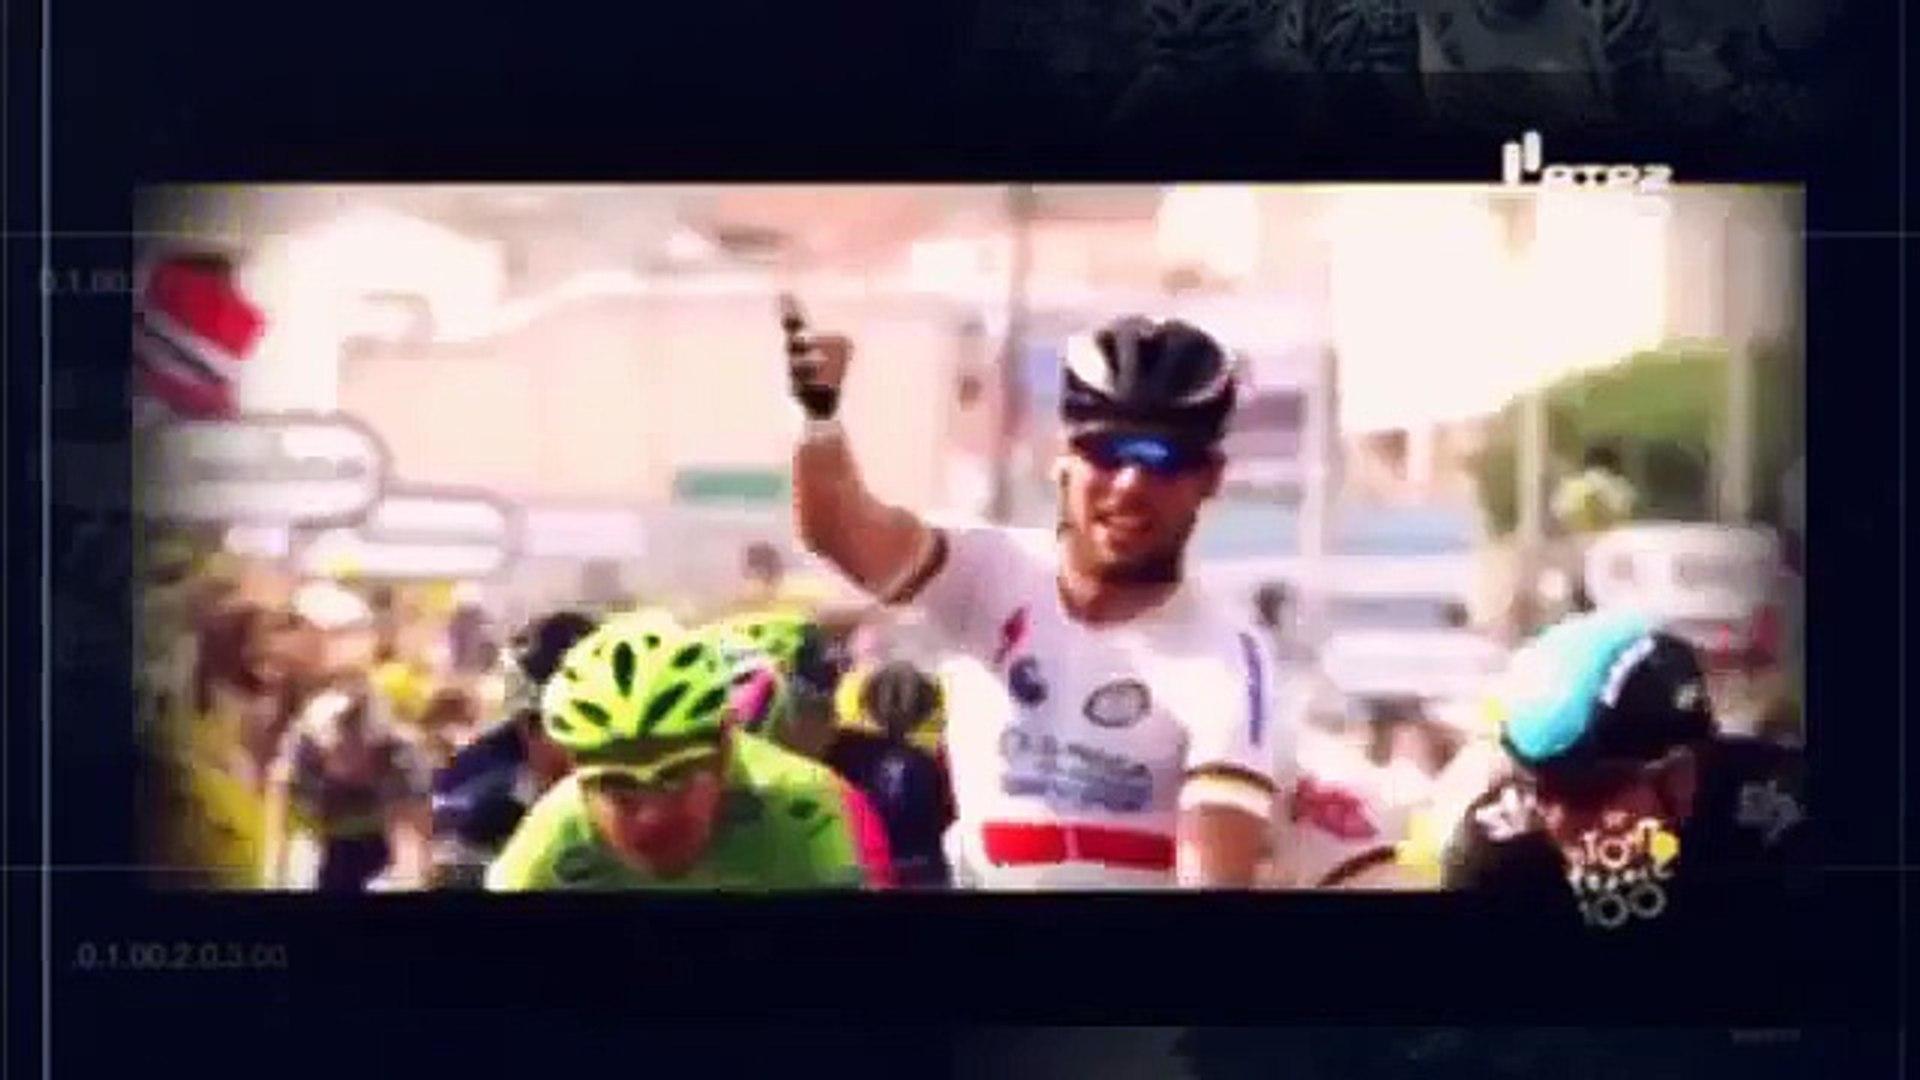 tour de france live internet - tour de france (recurring competition) - race - road - bikes - news